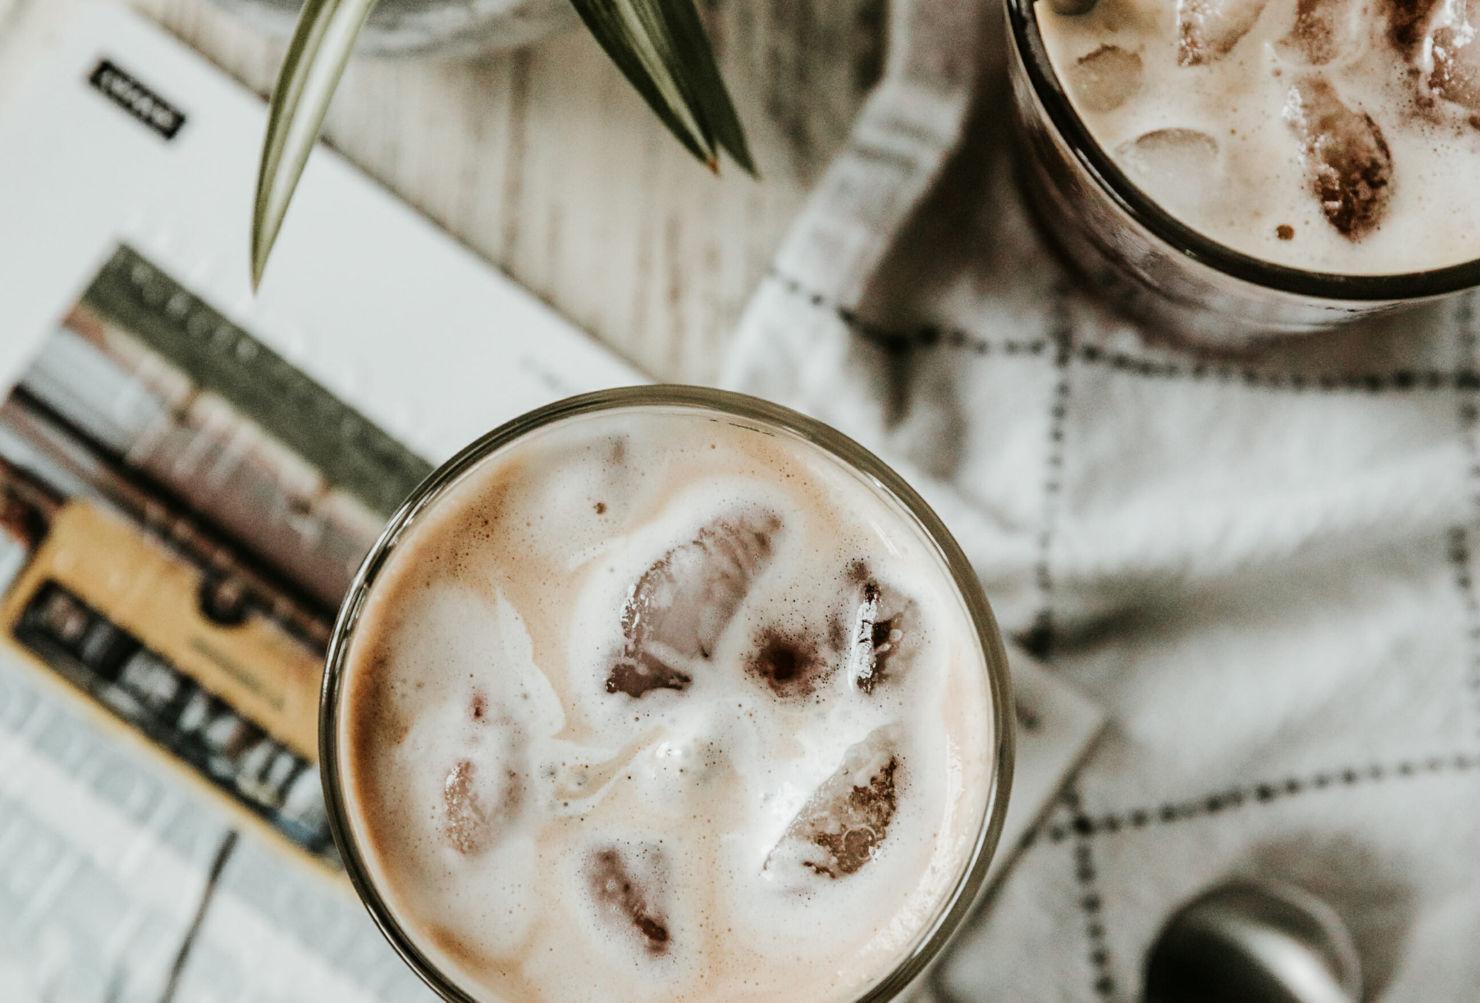 Prepara estos drinks con café para el Home Office, estamos en cuarentena y ¡se vale!